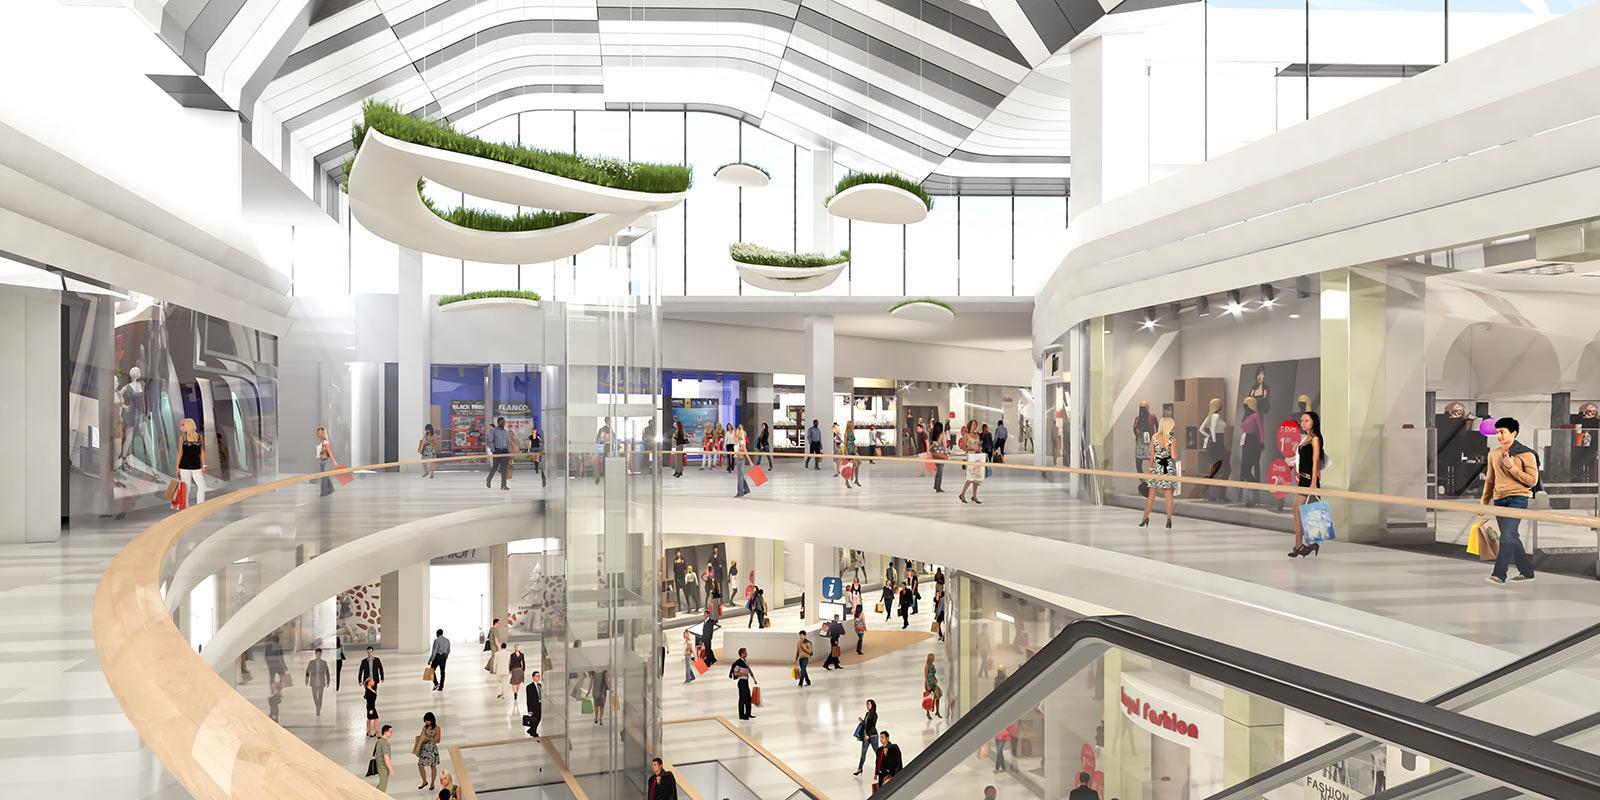 Крупномасштабная реконструкция и расширение позволят изменить внутреннюю конфигурацию центра. Визуализация: ATP architects engineers